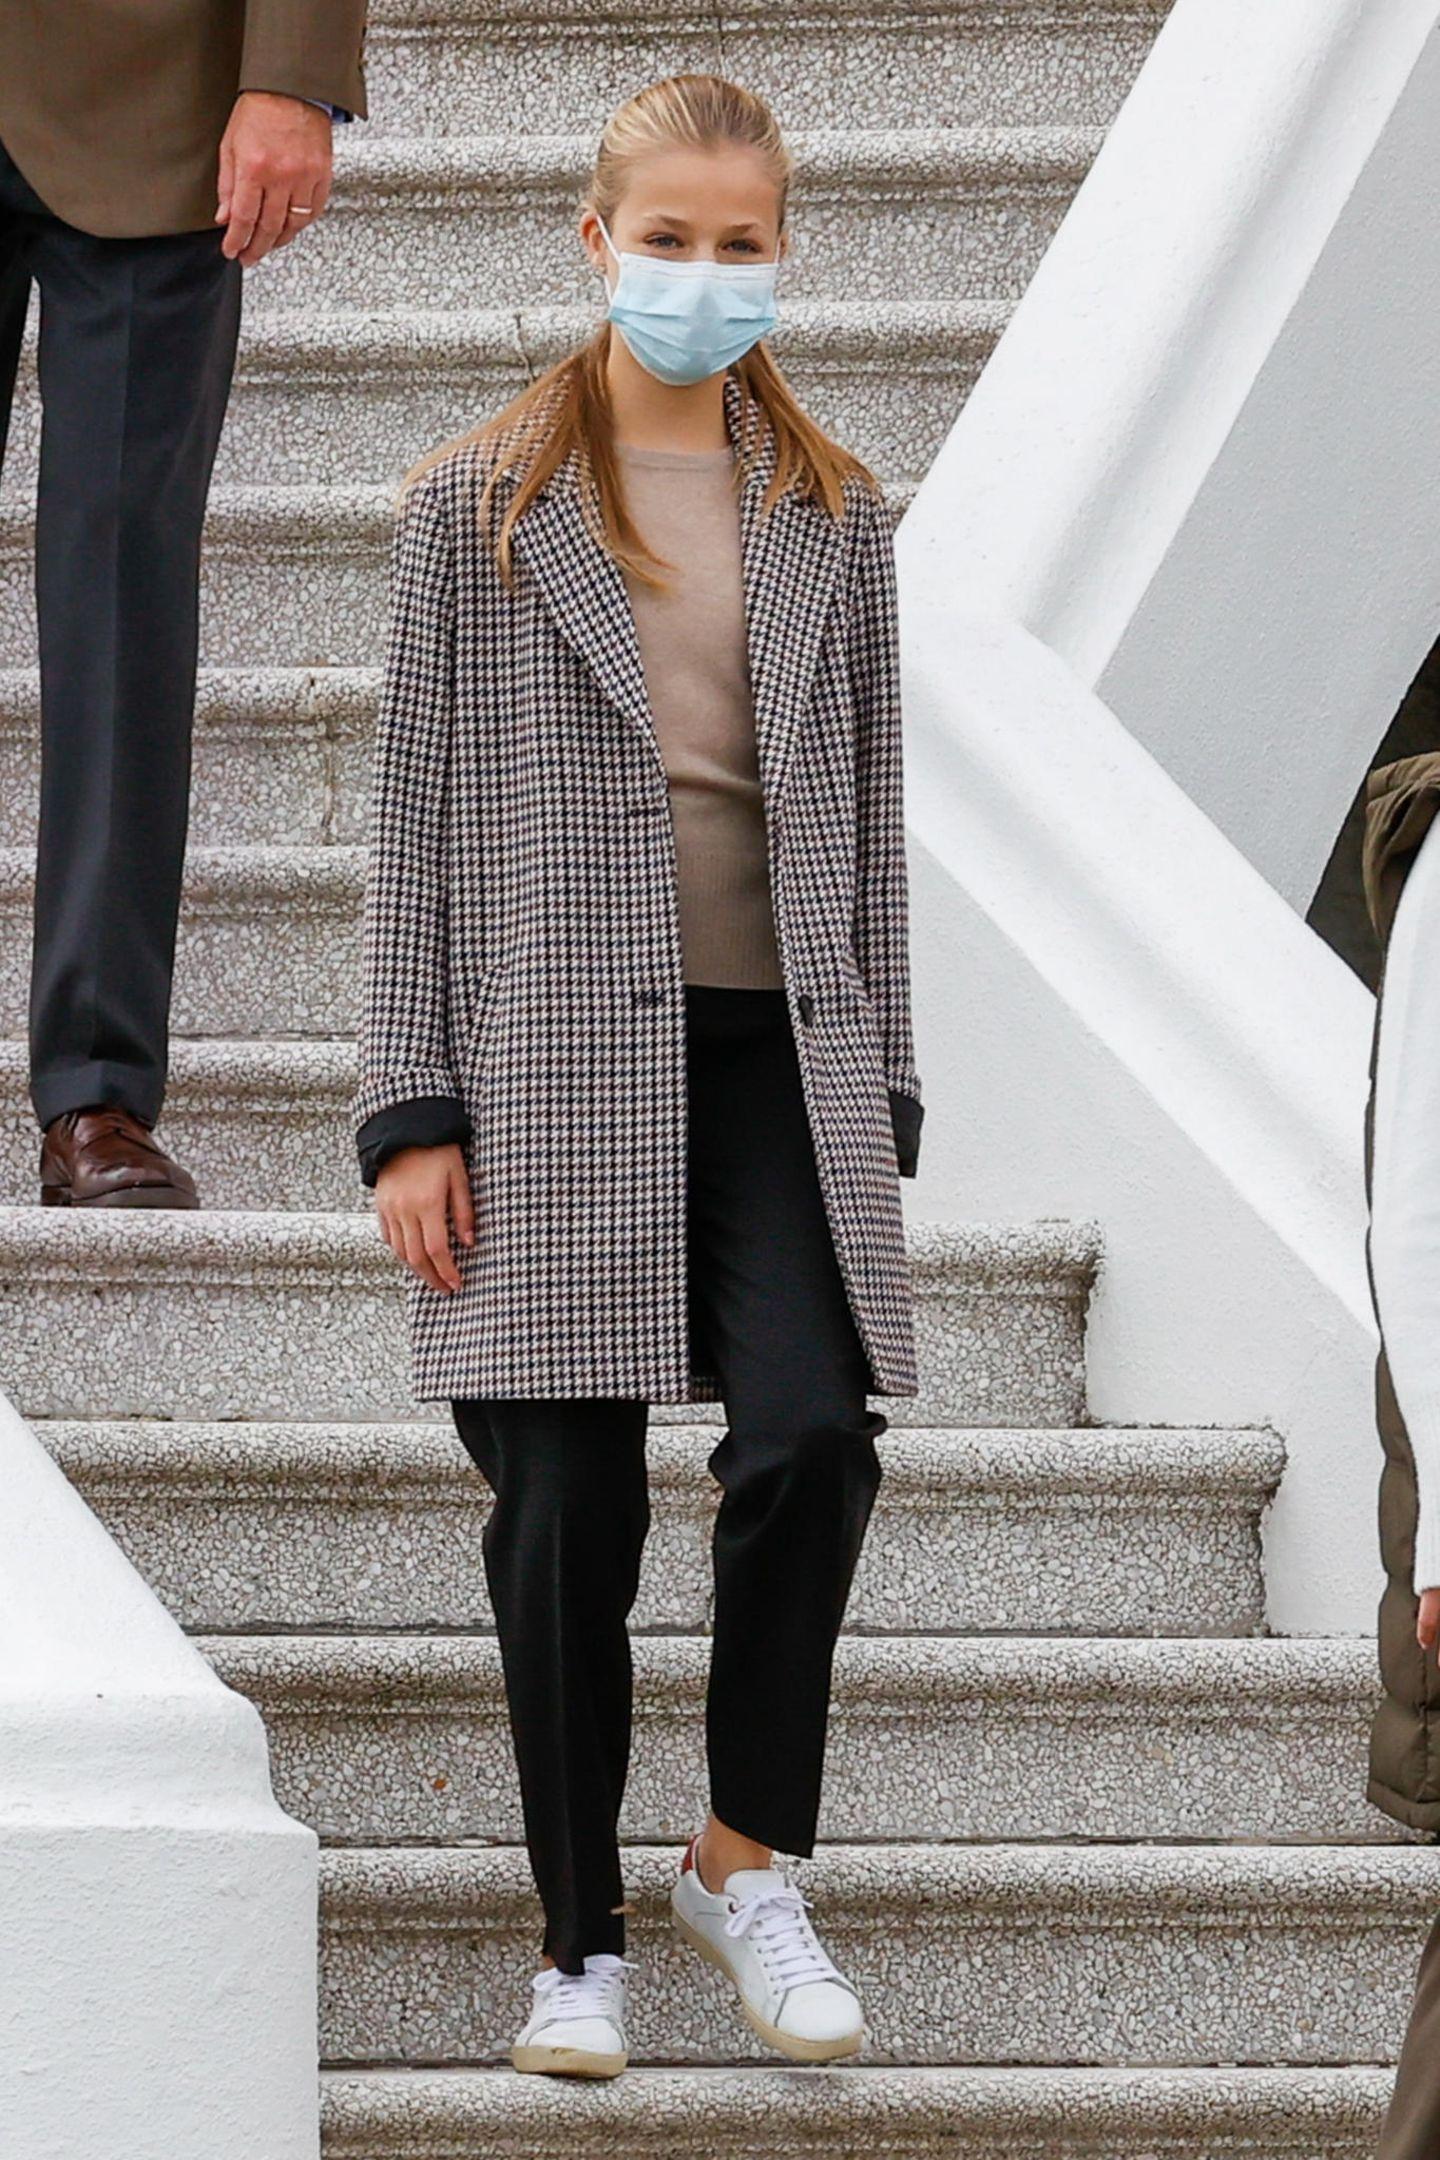 Prinzessin Leonor zeigt sichin einem lässigen Herbst-Outfit: Sie trägt weiße Sneaker, eine dunkle Chino mit Bügelfalte, einen beige-farbenen Wollpullover und einen karierten Mantel mit breitem Revers. Obwohl die 14-jährige Thronfolgerin immer selbstbewusster wird, scheint sie sich diesen eleganten Look bei einer royalen Stilikone abgeschaut zu haben...